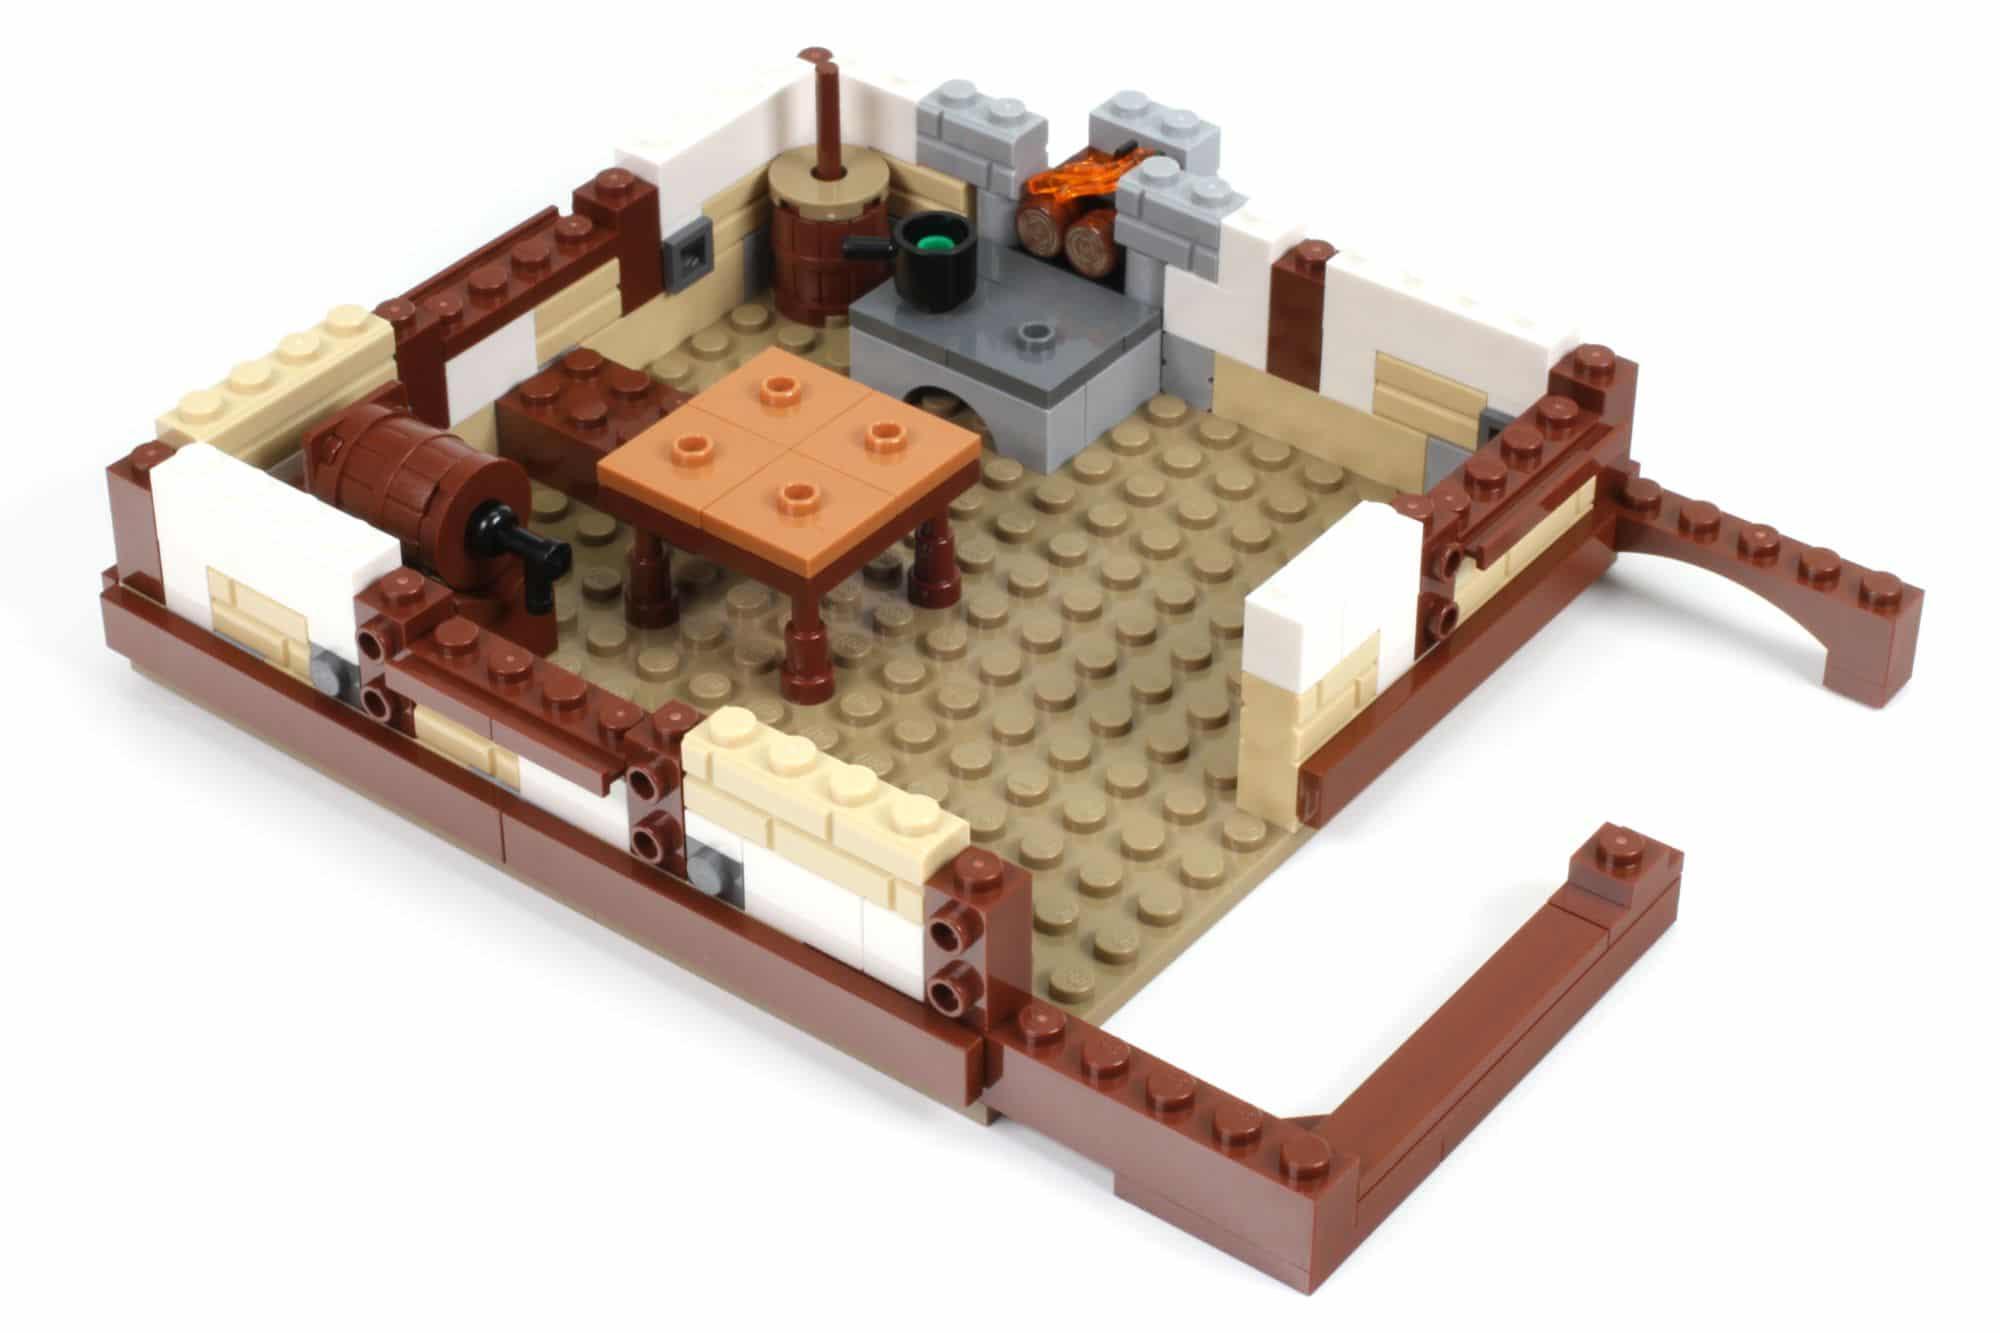 LEGO Ideas 21325 Mittelalterliche Schmiede Bauabschnitt 6 1